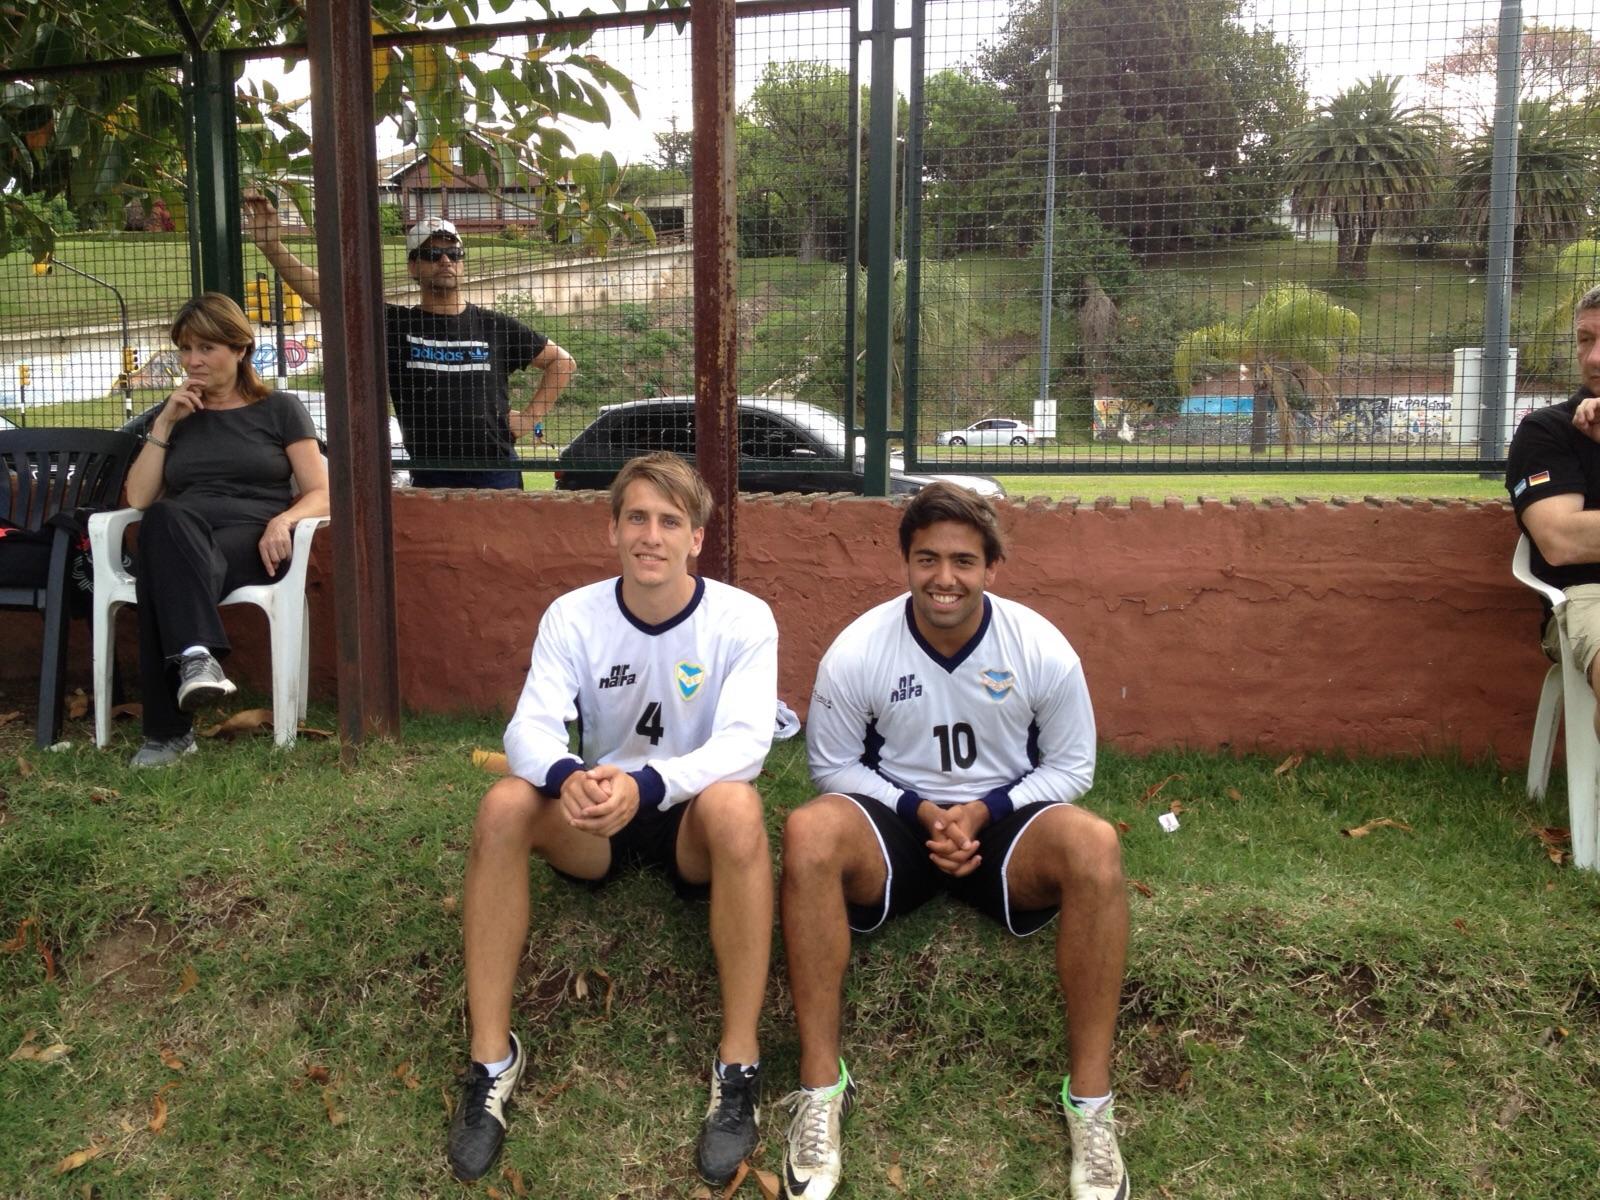 Argentinische Nationalmannschaft zu Gast in Frammersbach – Freundschaftsspiel am Dienstag um 18:30 Uhr